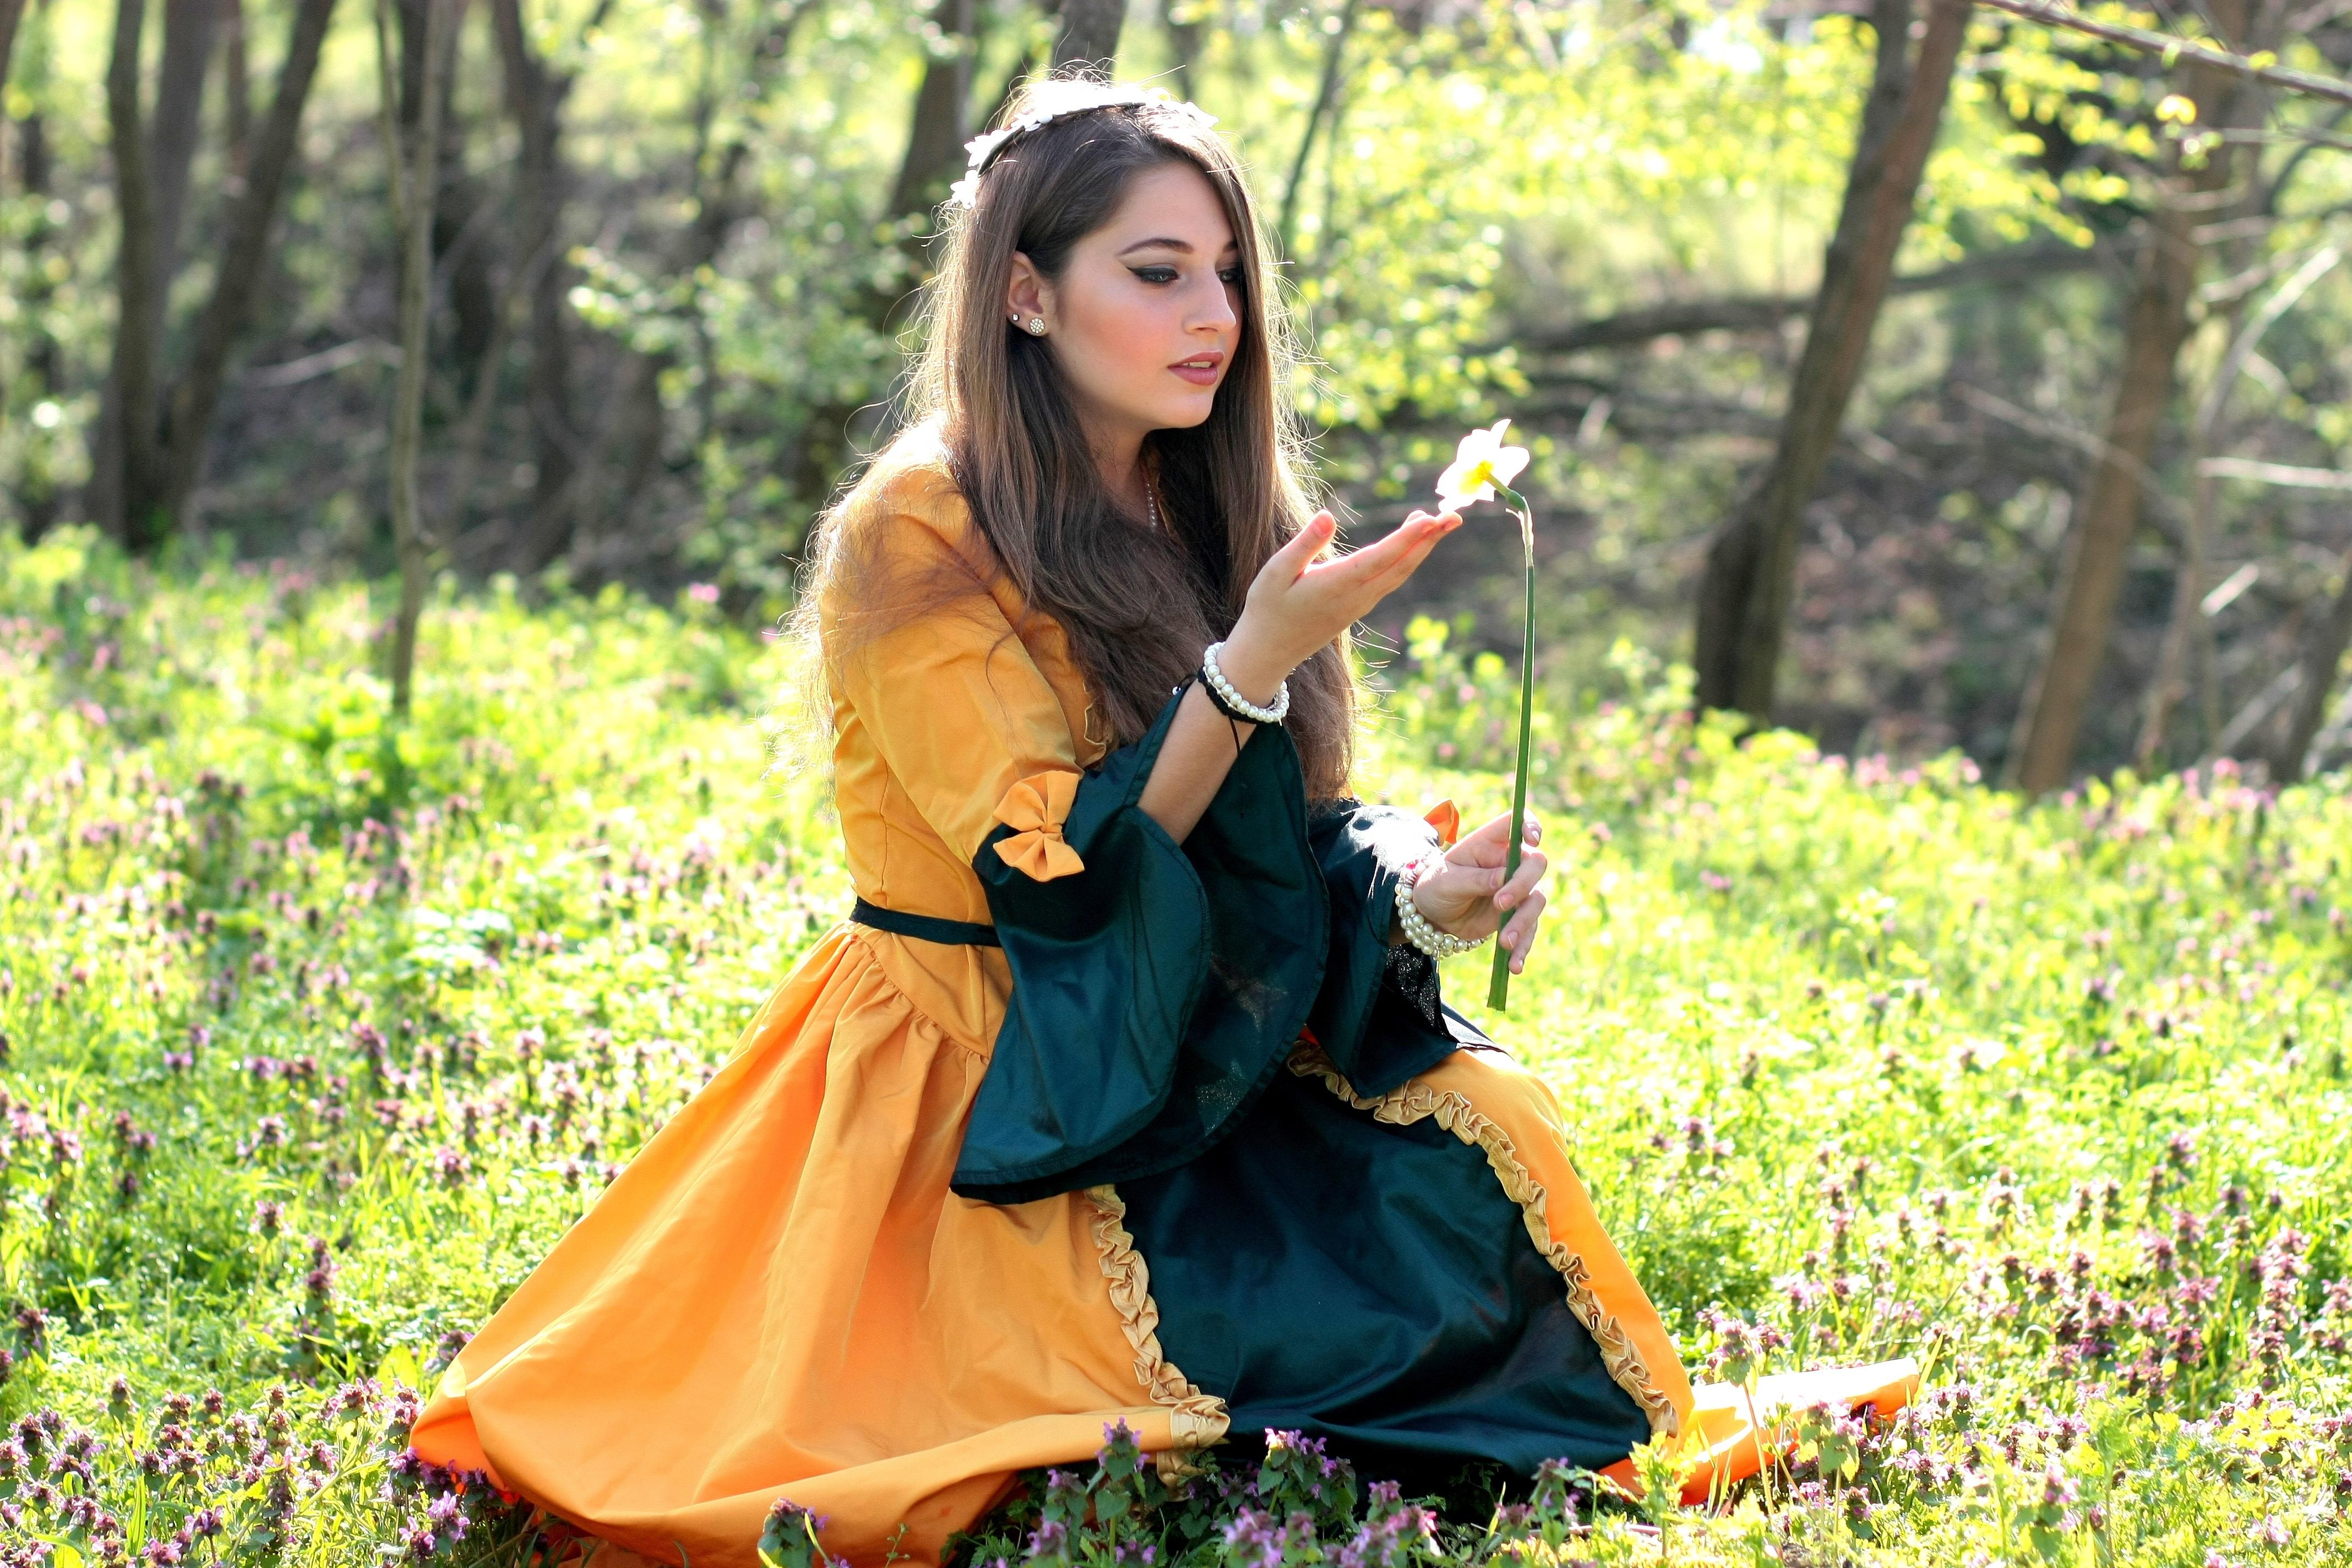 5c6519e7 Bildet : skog, person, pike, kvinne, fotografering, blomst, modell, vår,  grønn, høst, barn, mote, klær, dame, årstid, kjole, skjønnhet, hyggelig,  historie, ...